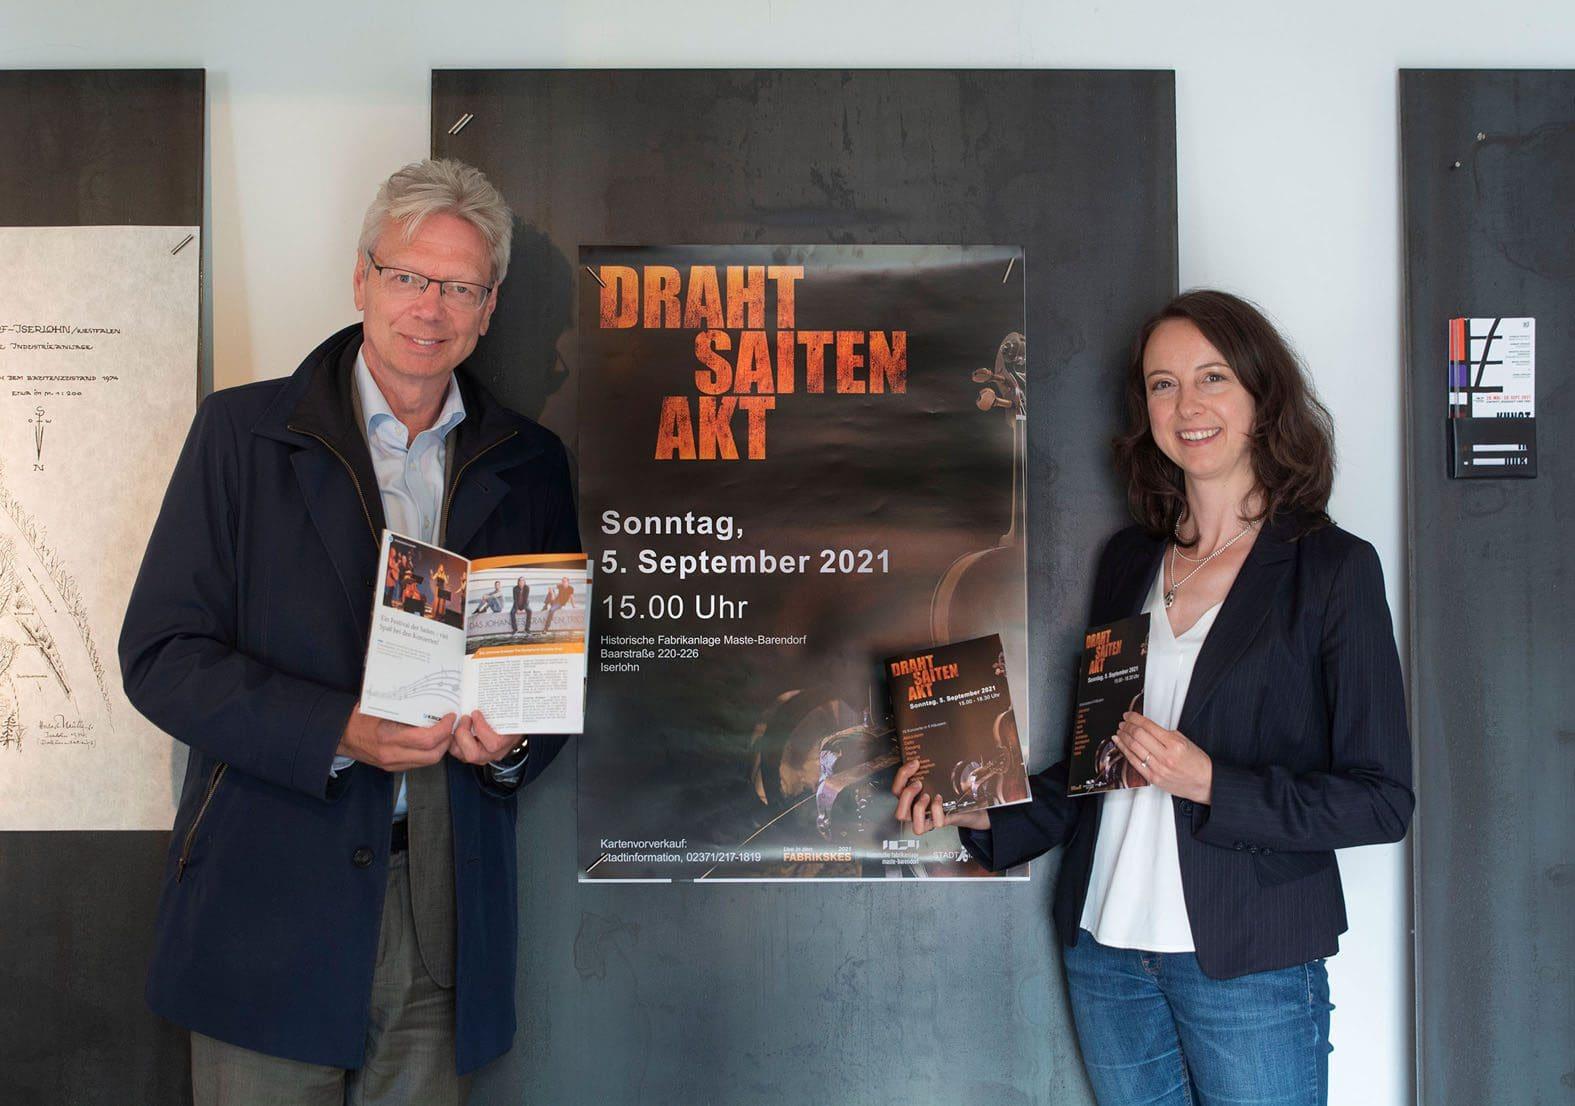 """Zum """"DrahtSaitenAkt 2021"""" laden Prof. Thomas Kirchhoff und Museumsleiterin Dr. Sandra Hertel am 5. September in die Historische Fabrikanlage Maste-Barendorf ein. Foto: Veranstalter"""